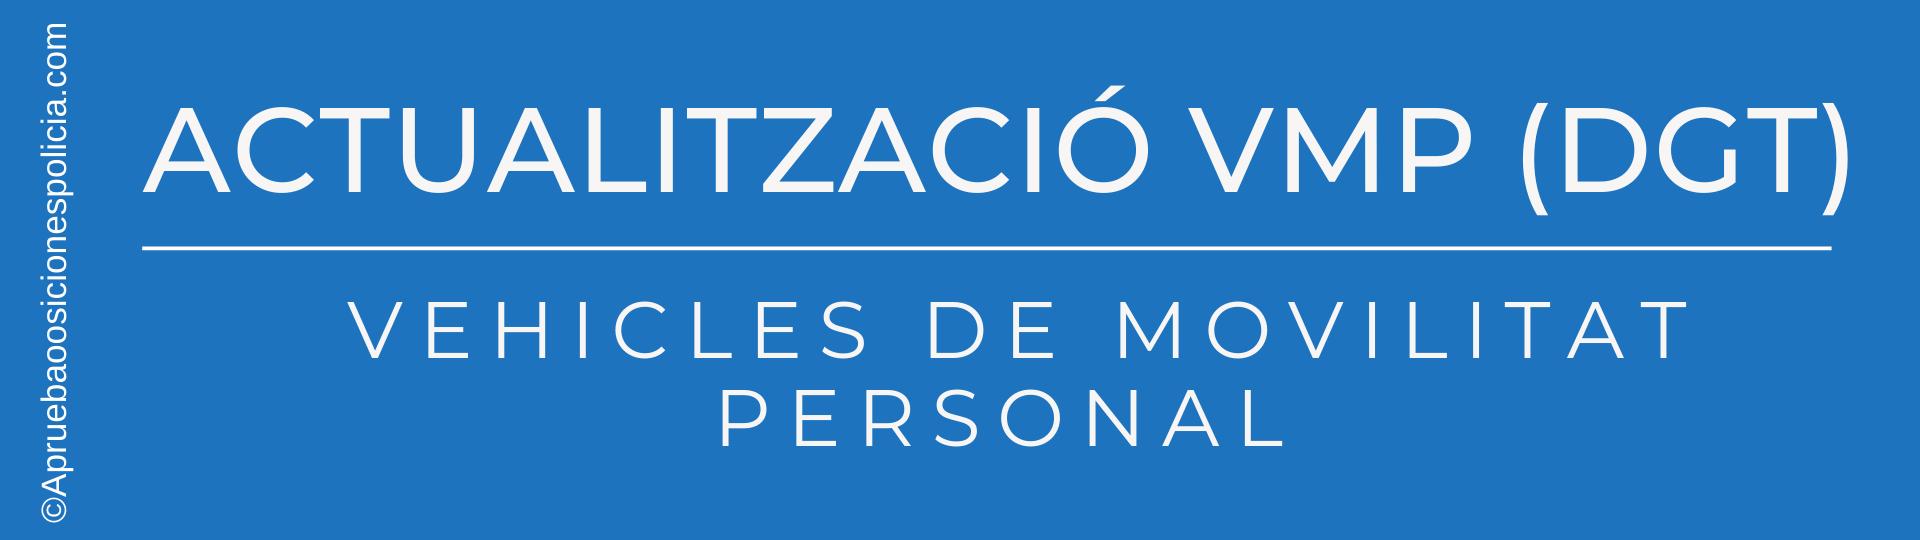 VMP vehículos de movilidad personal